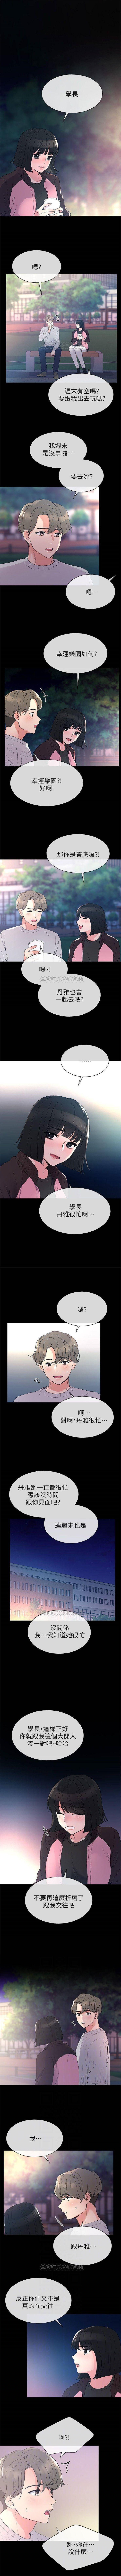 (週5)重考生 1-52 中文翻譯(更新中) 277